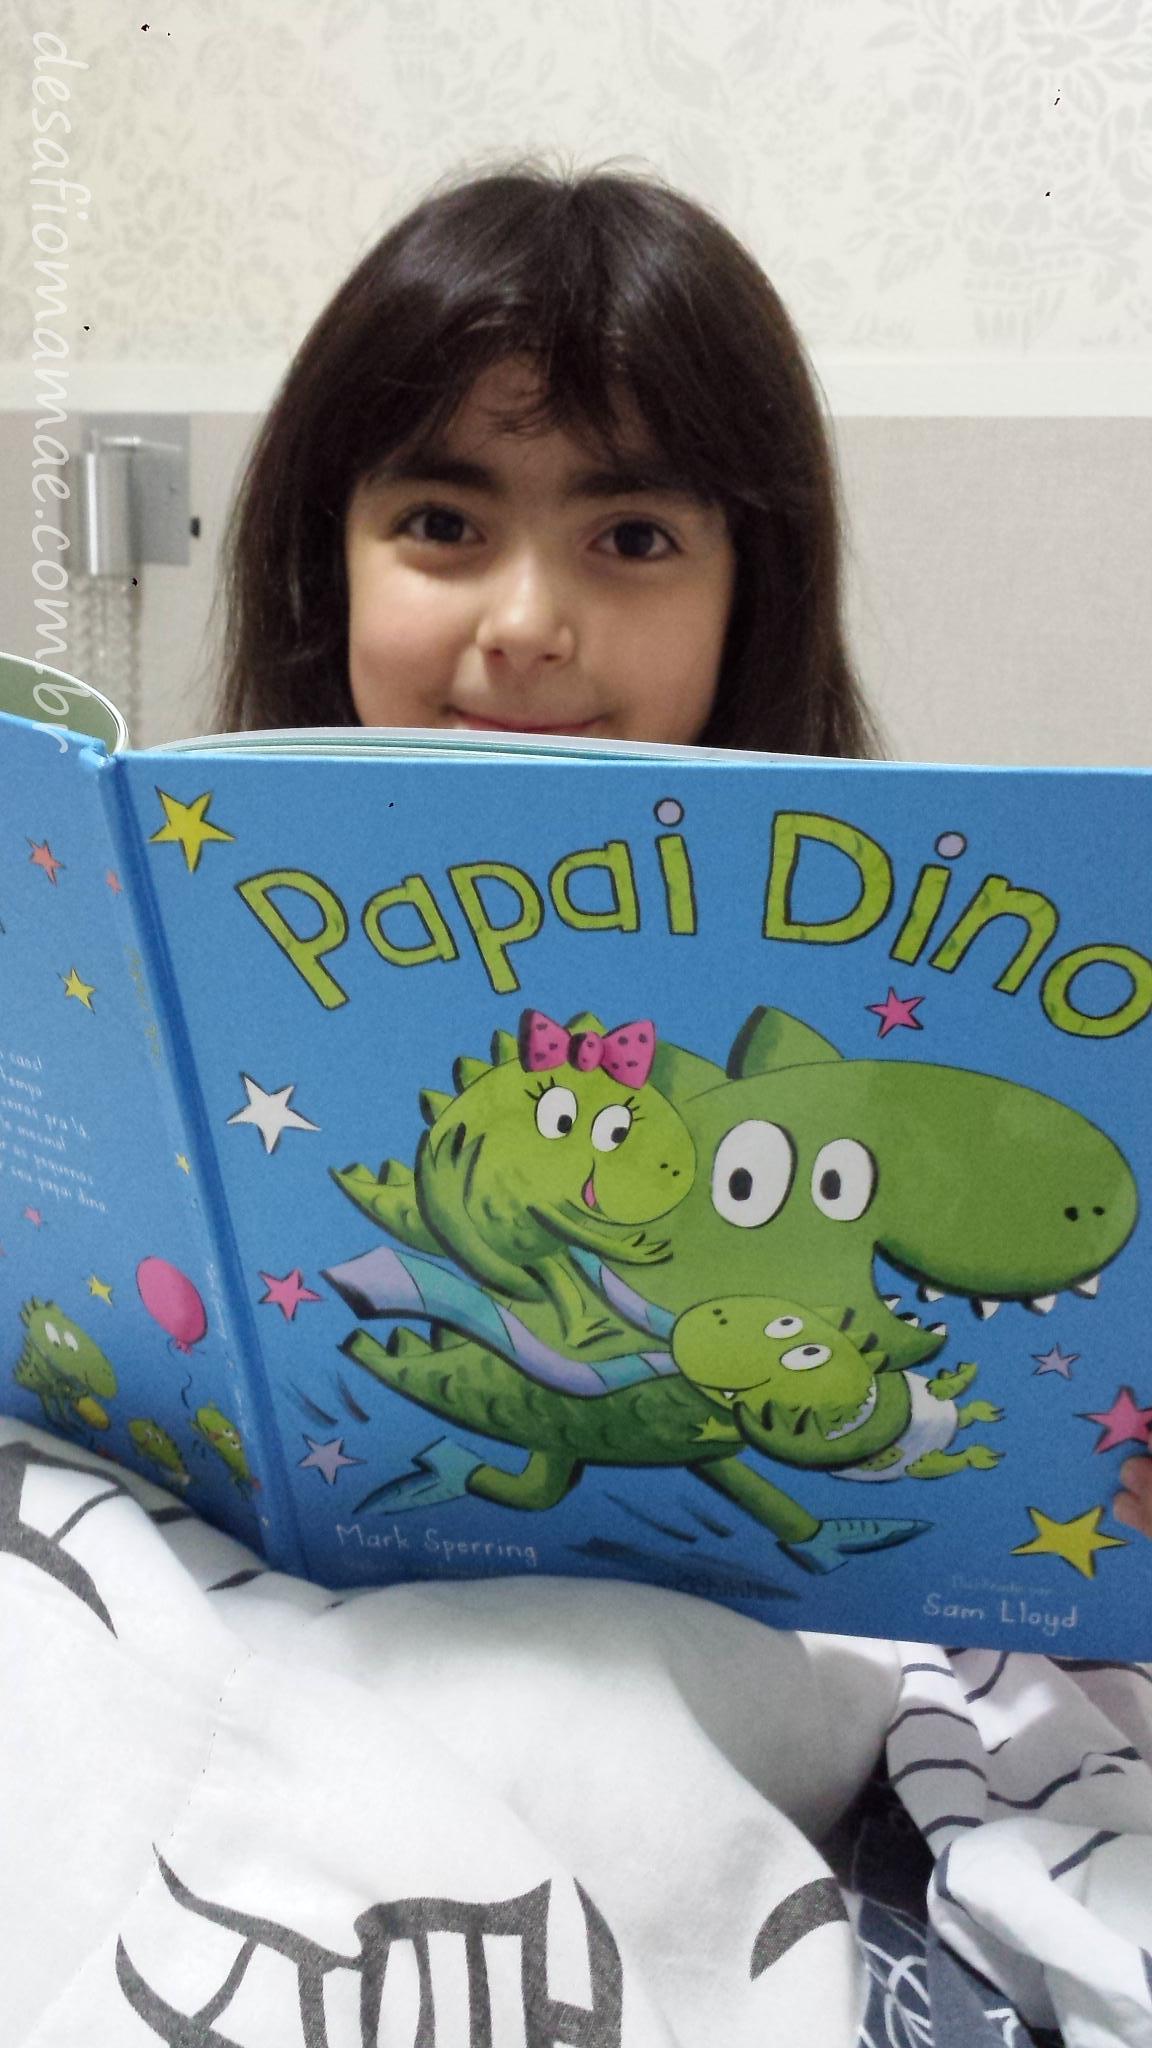 Papai Dino